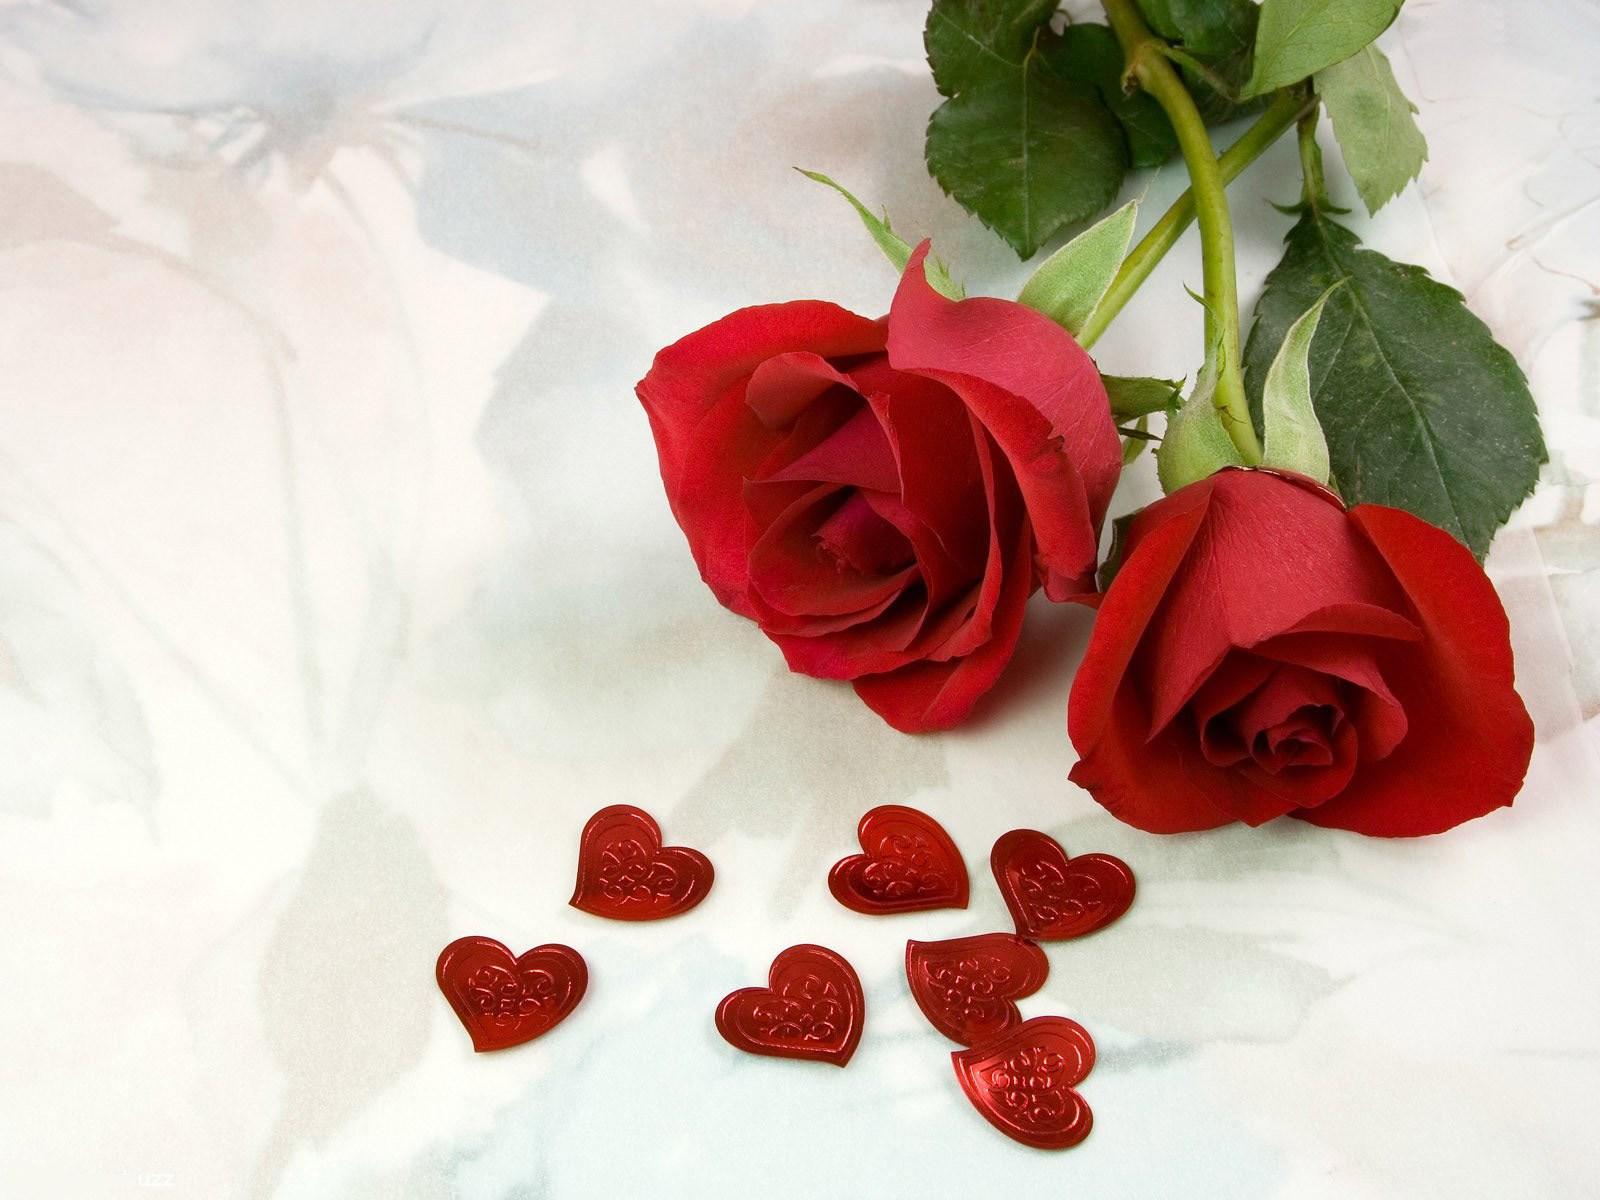 Картинки цветы с надписями о любви